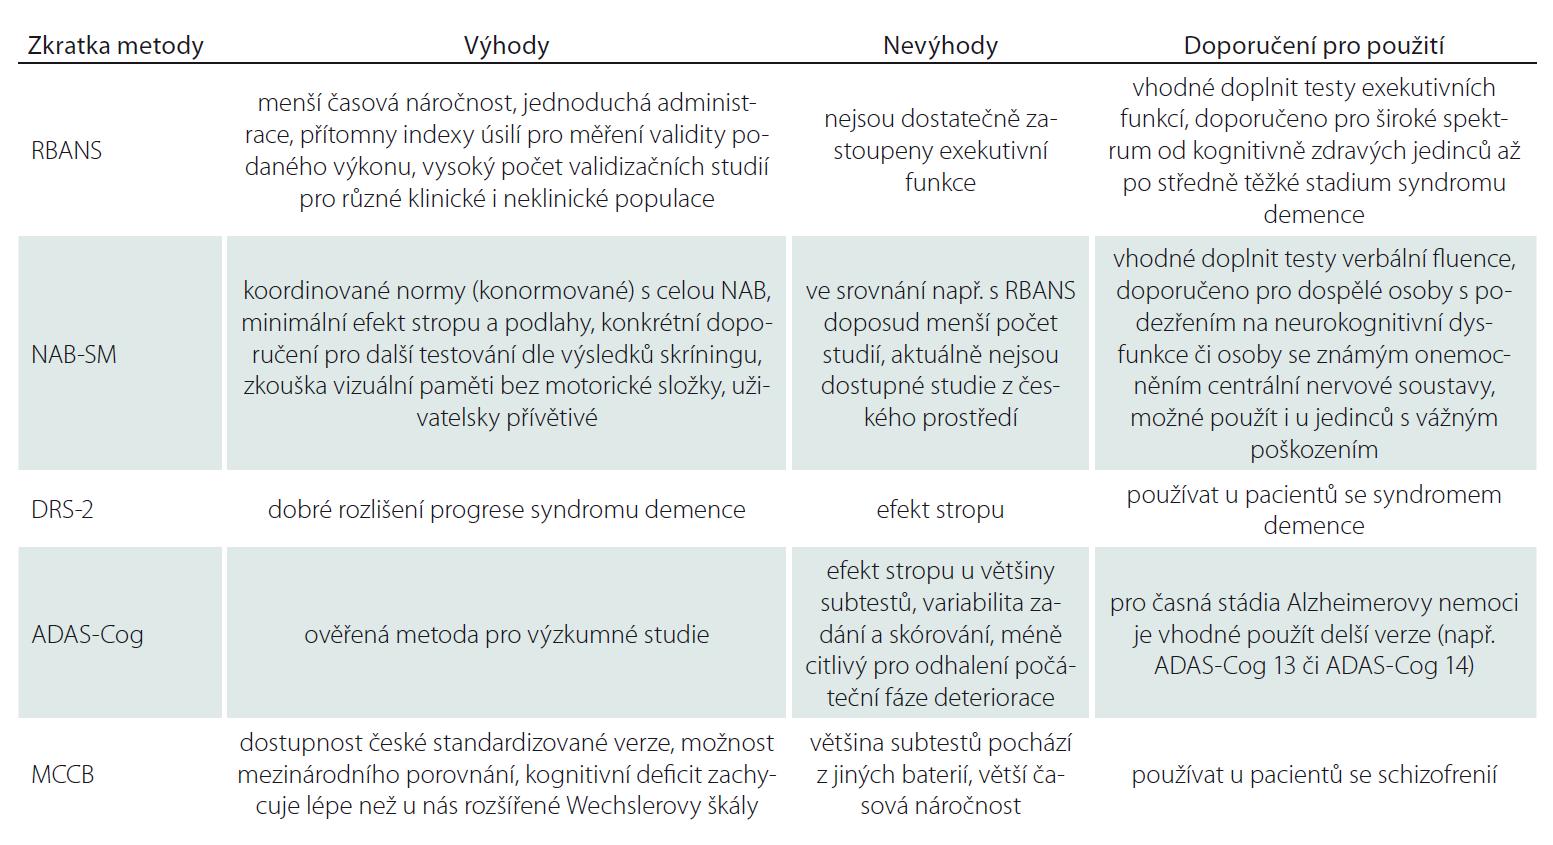 Výhody a nevýhody vybraných neuropsychologických baterií